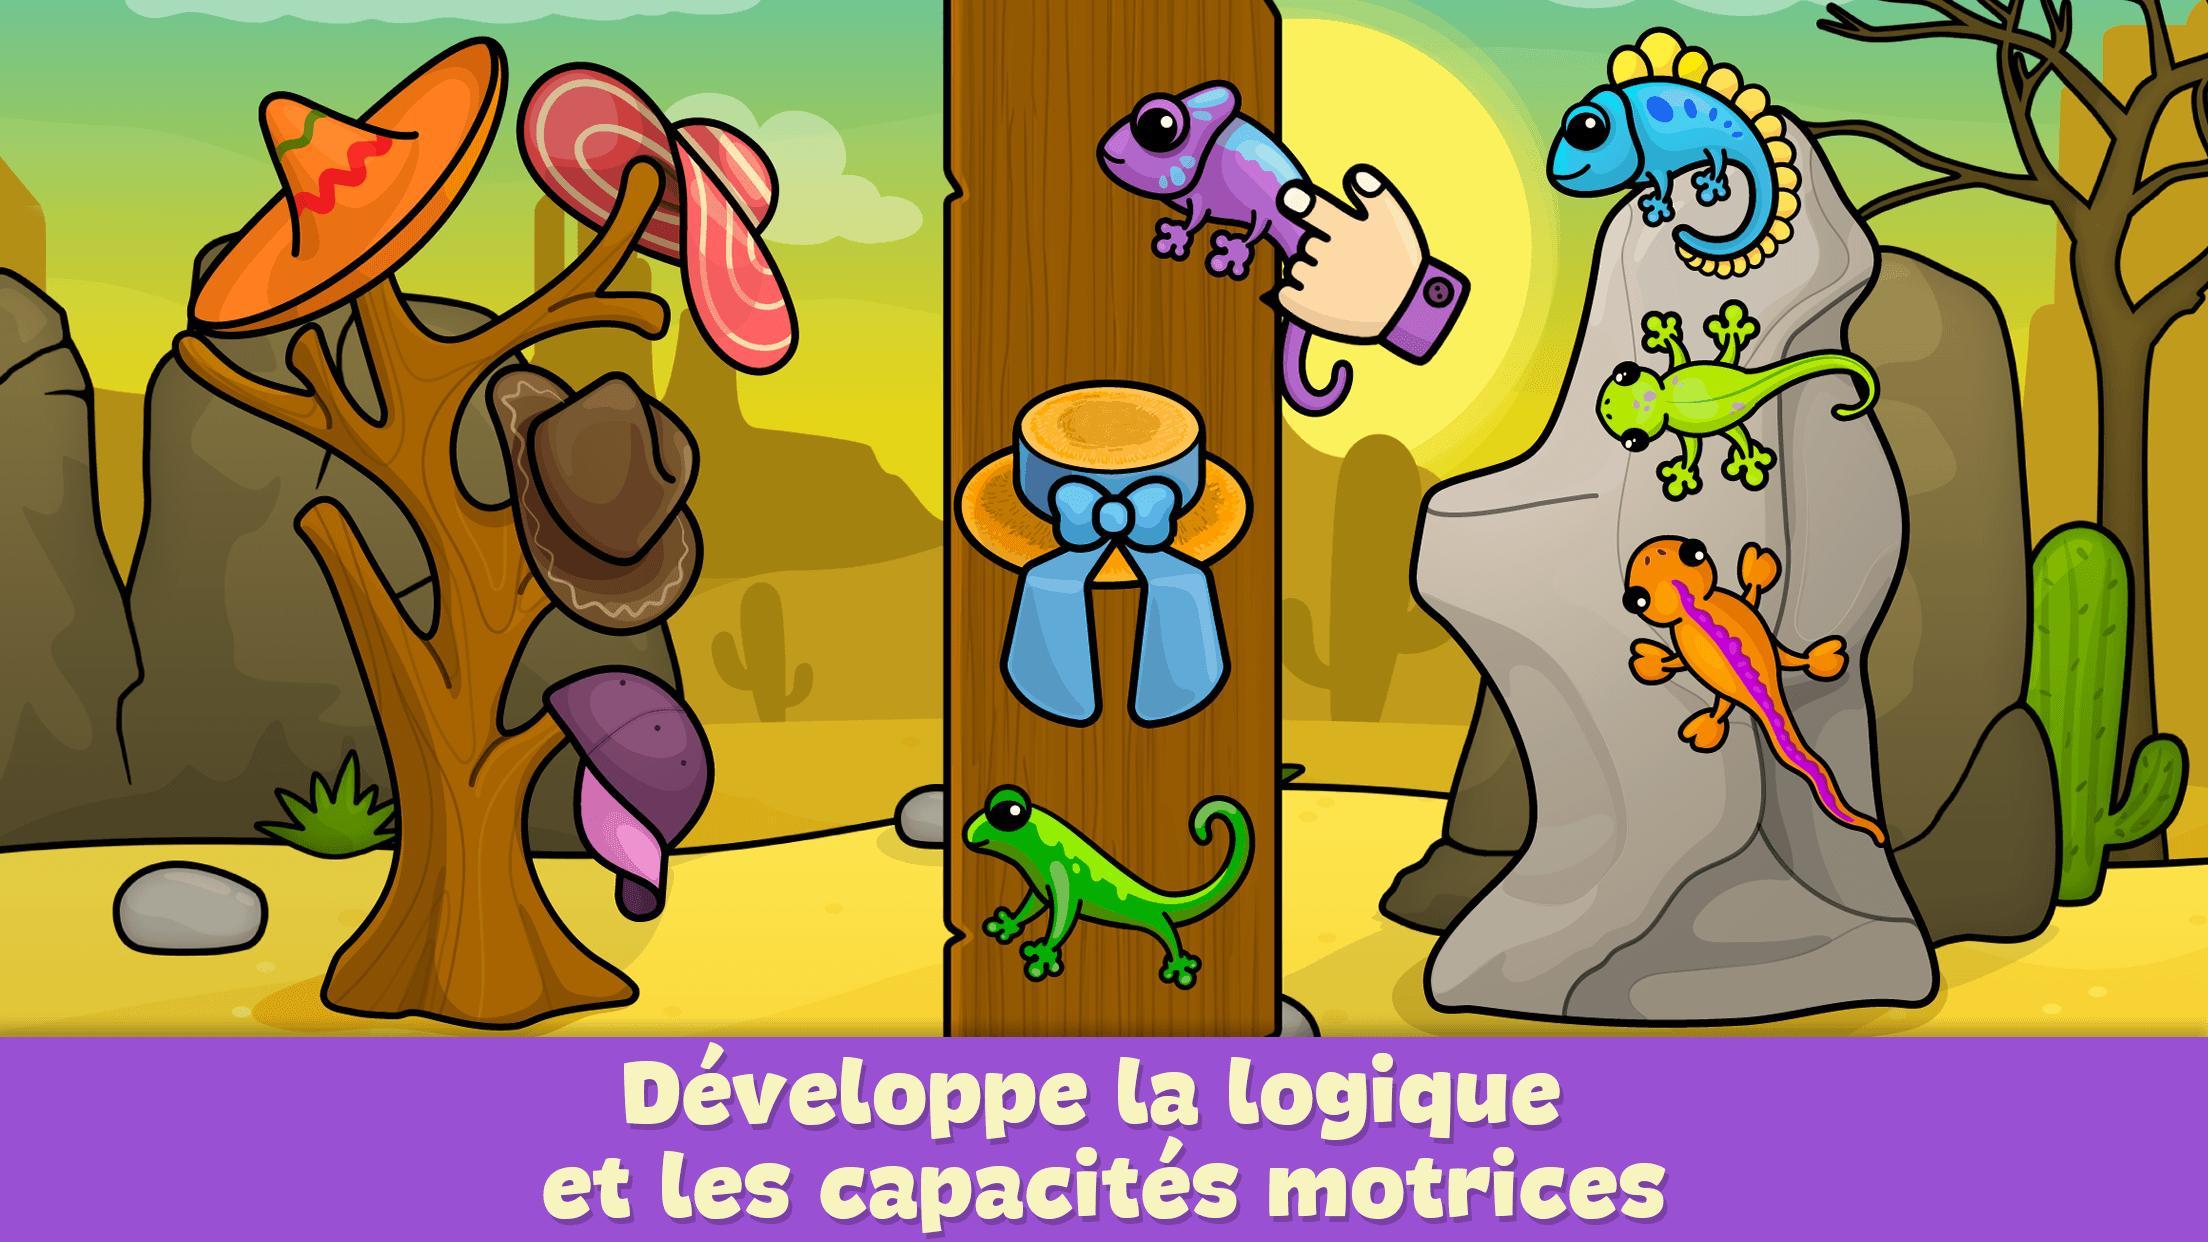 Jeux Pour Enfants 2 - 5 Ans Pour Android - Téléchargez L'apk avec Jeux Gratuit Fille 5 Ans